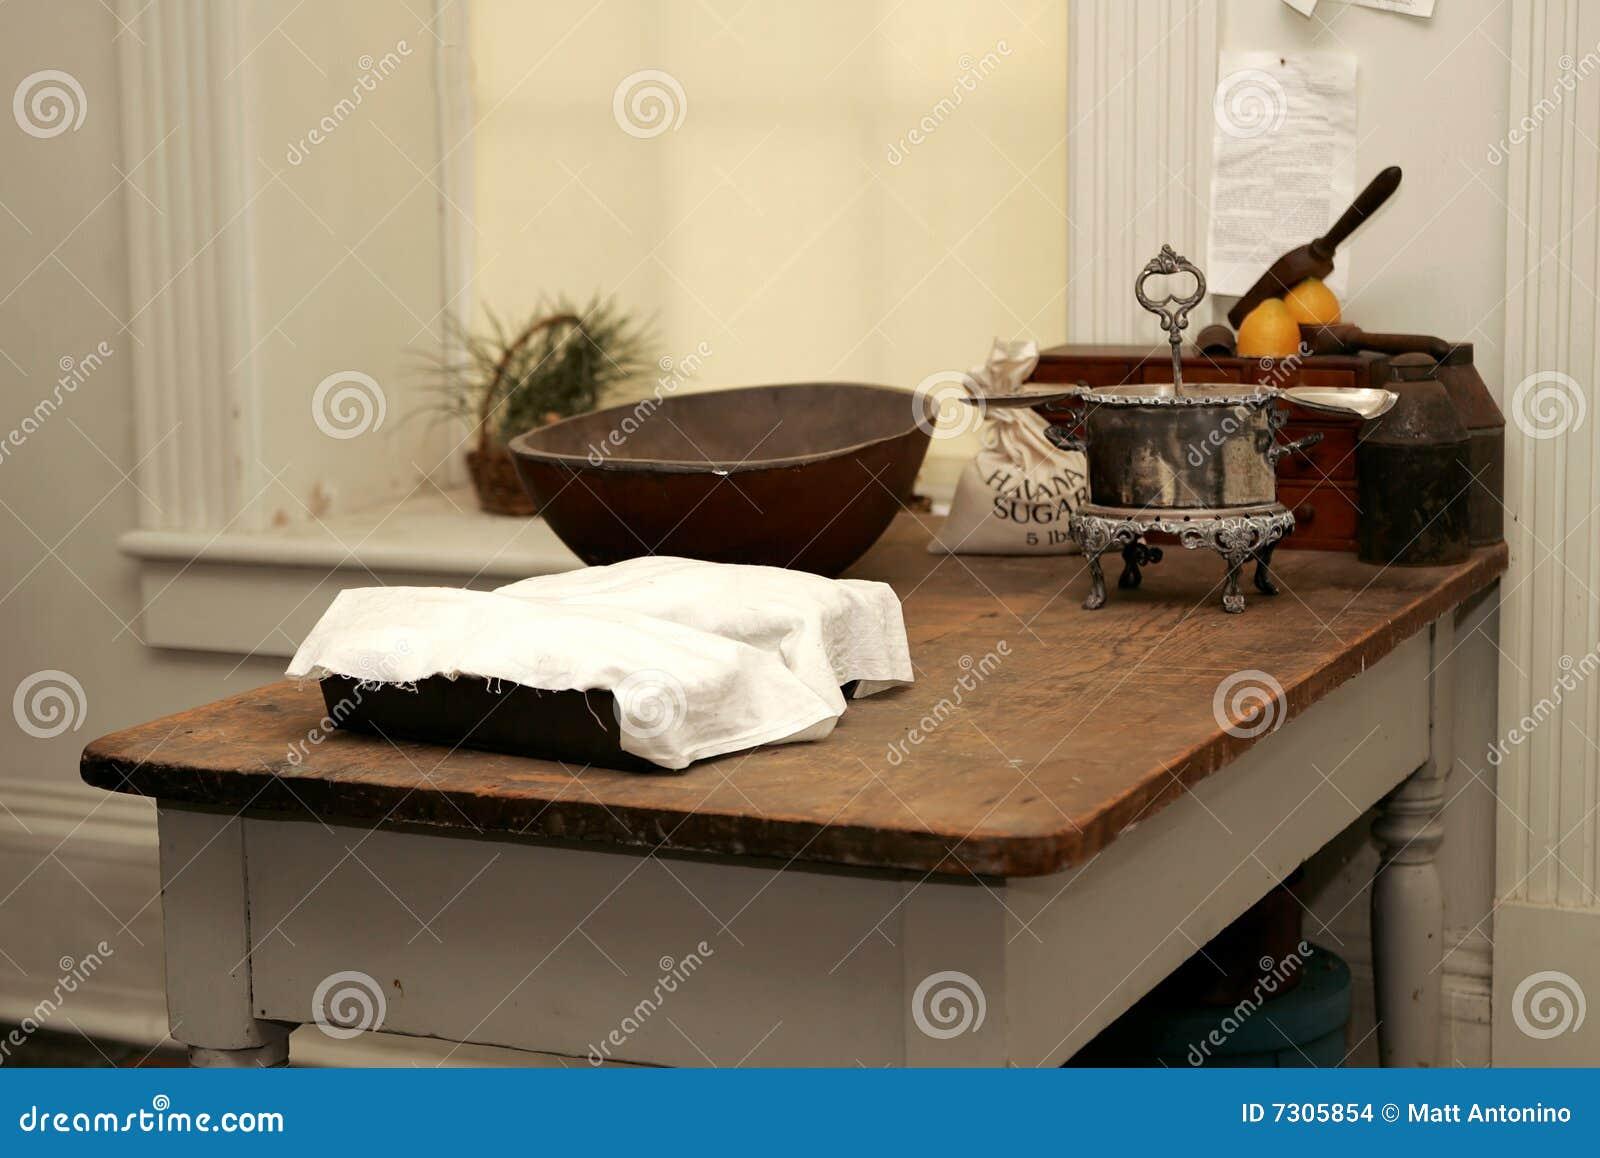 De amerikaanse keuken van de revolutie stock afbeeldingen afbeelding 7305854 - Model amerikaanse keuken ...